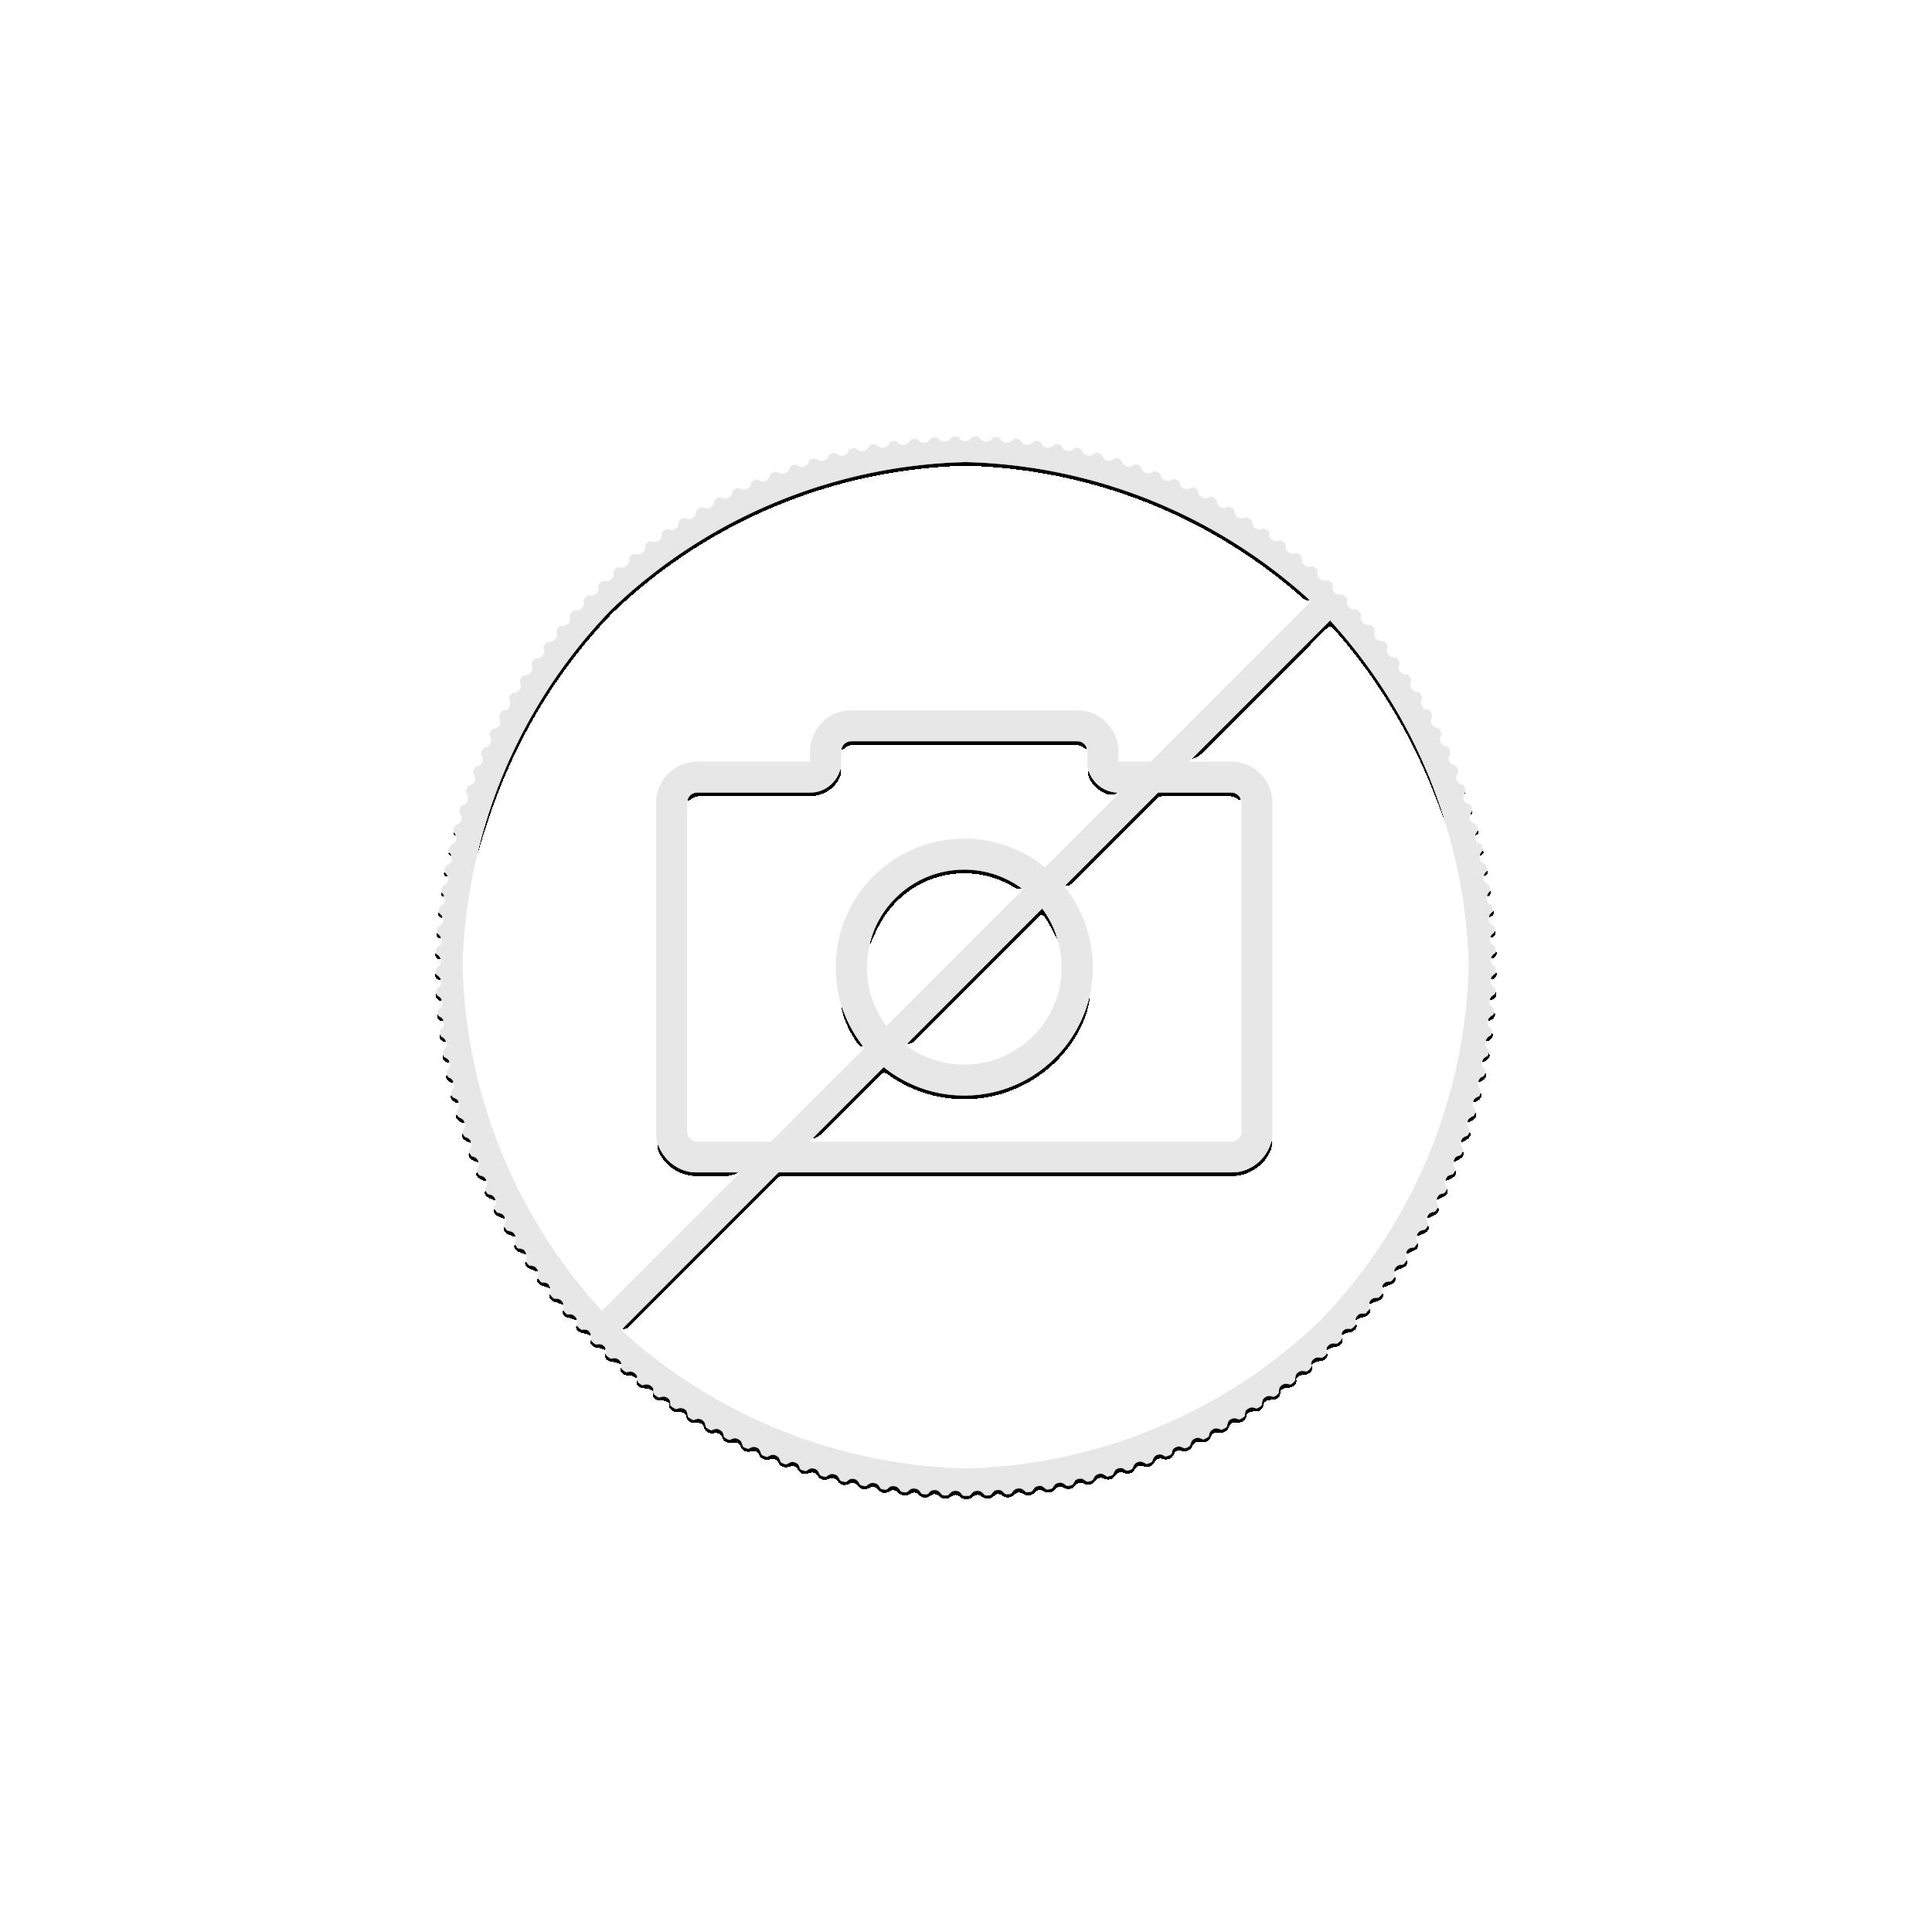 1 Troy ounce zilveren munt Maple Leaf 2019 ingeslagen blad achterzijde